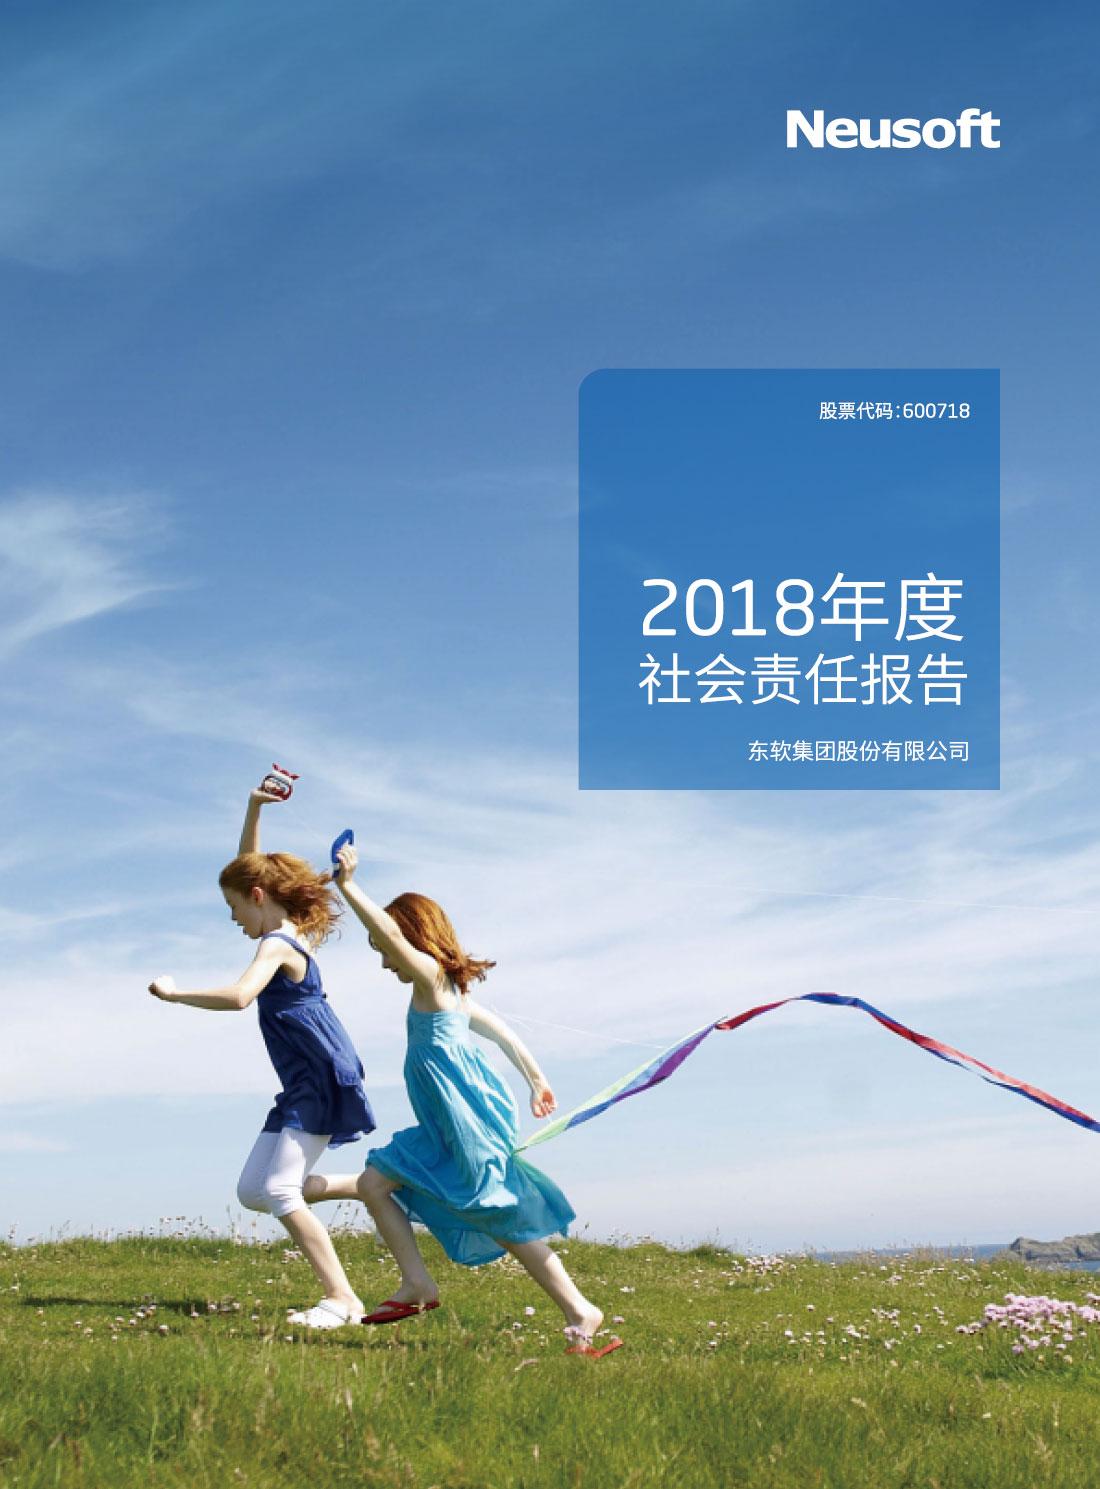 2018年度社会责任报告